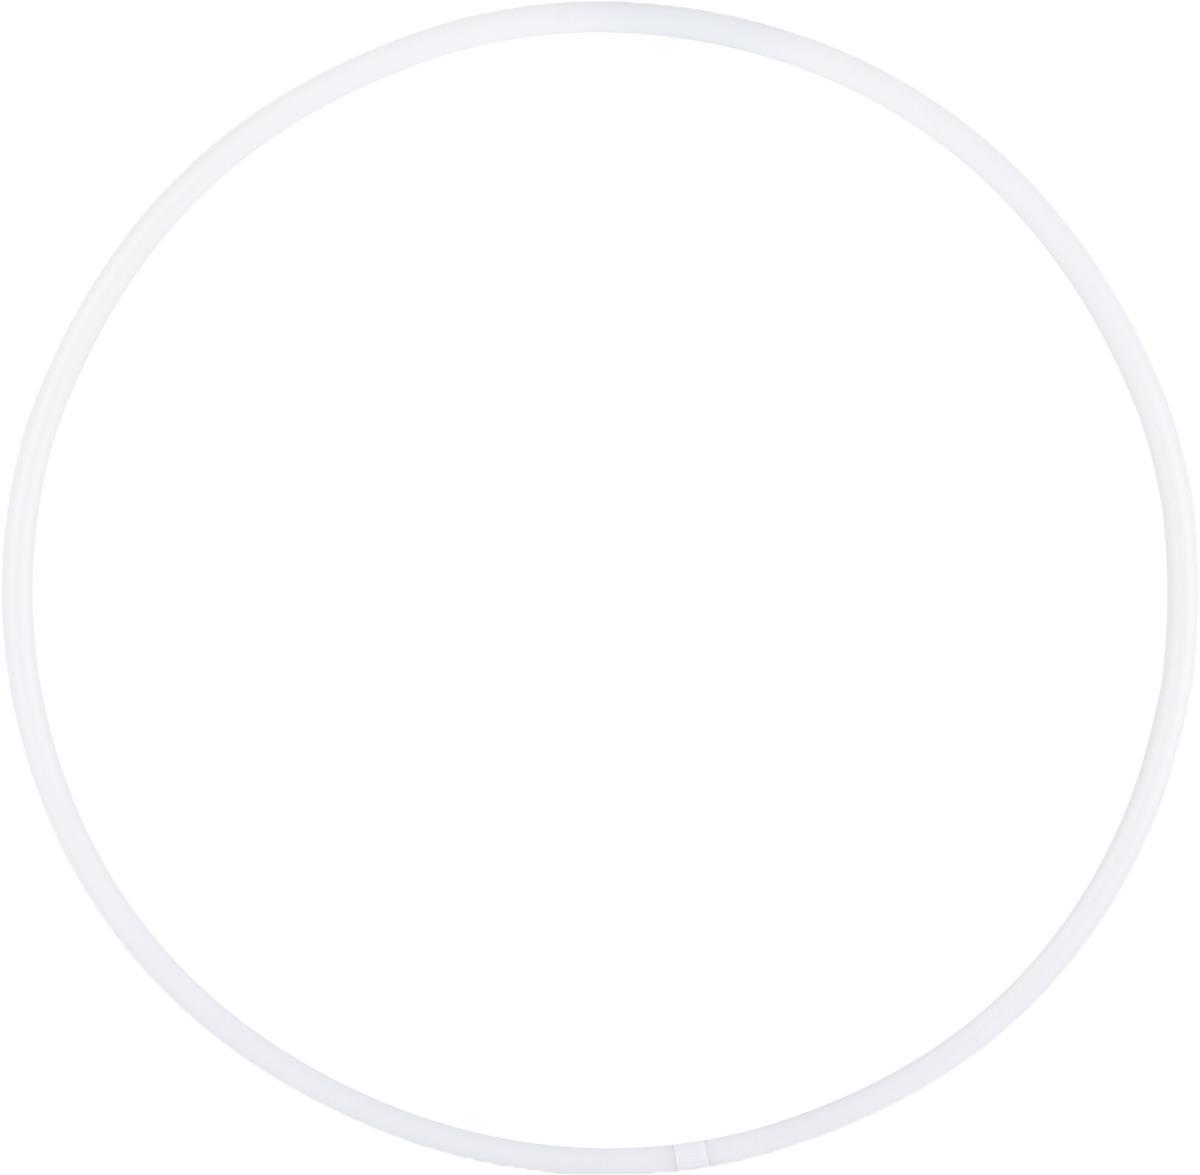 Обруч для художественной гимнастики Amely AGO-101, диаметр 65 см, цвет: белый обруч пластмастер 40040 диаметр 50 см цвет в ассортименте